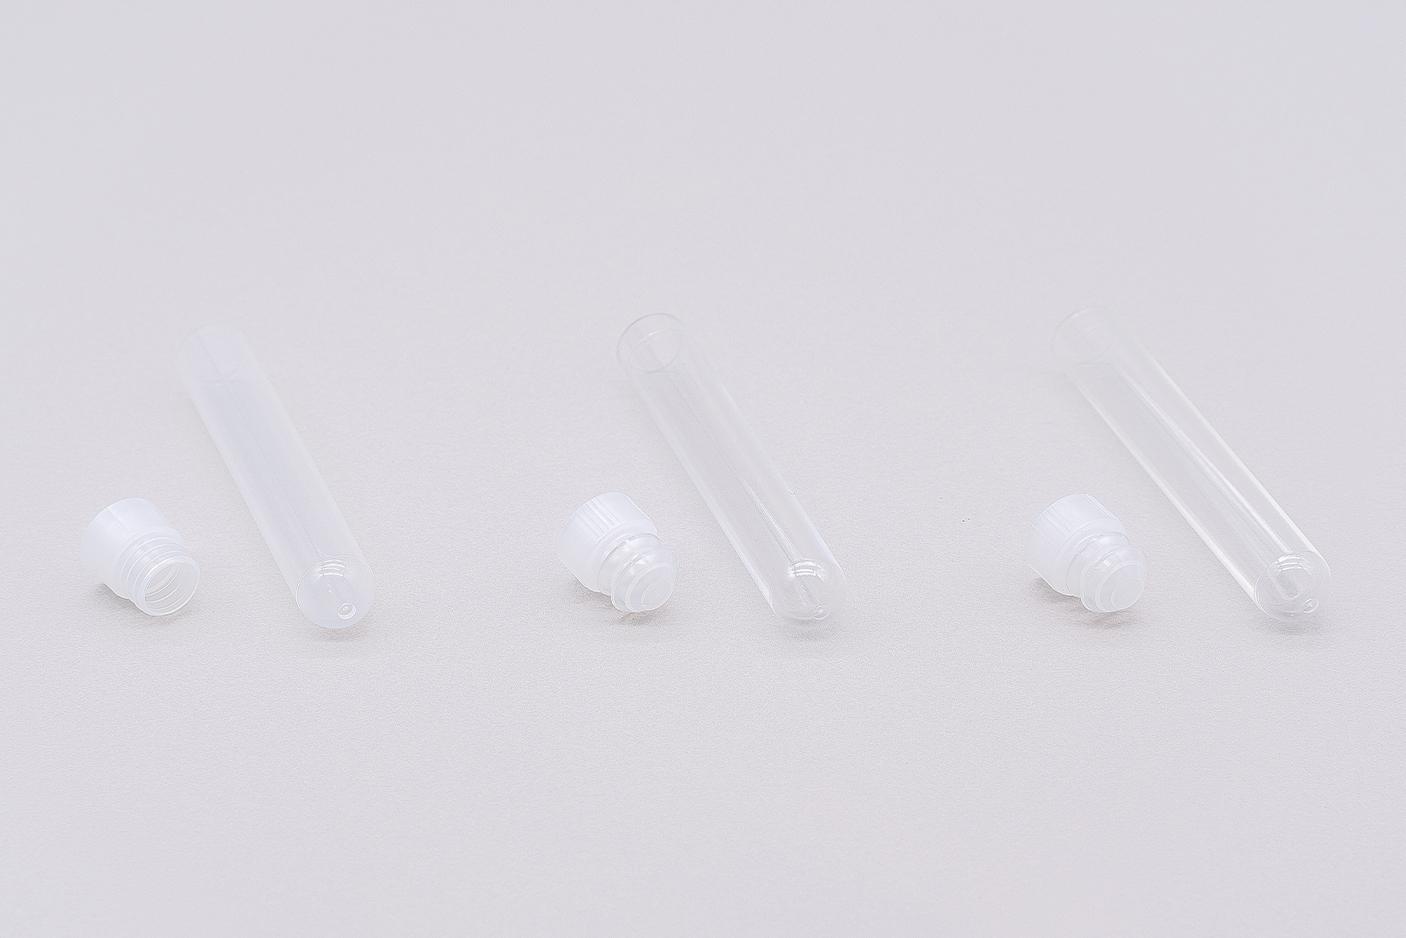 分注用 子検体用 プラスチック チューブ